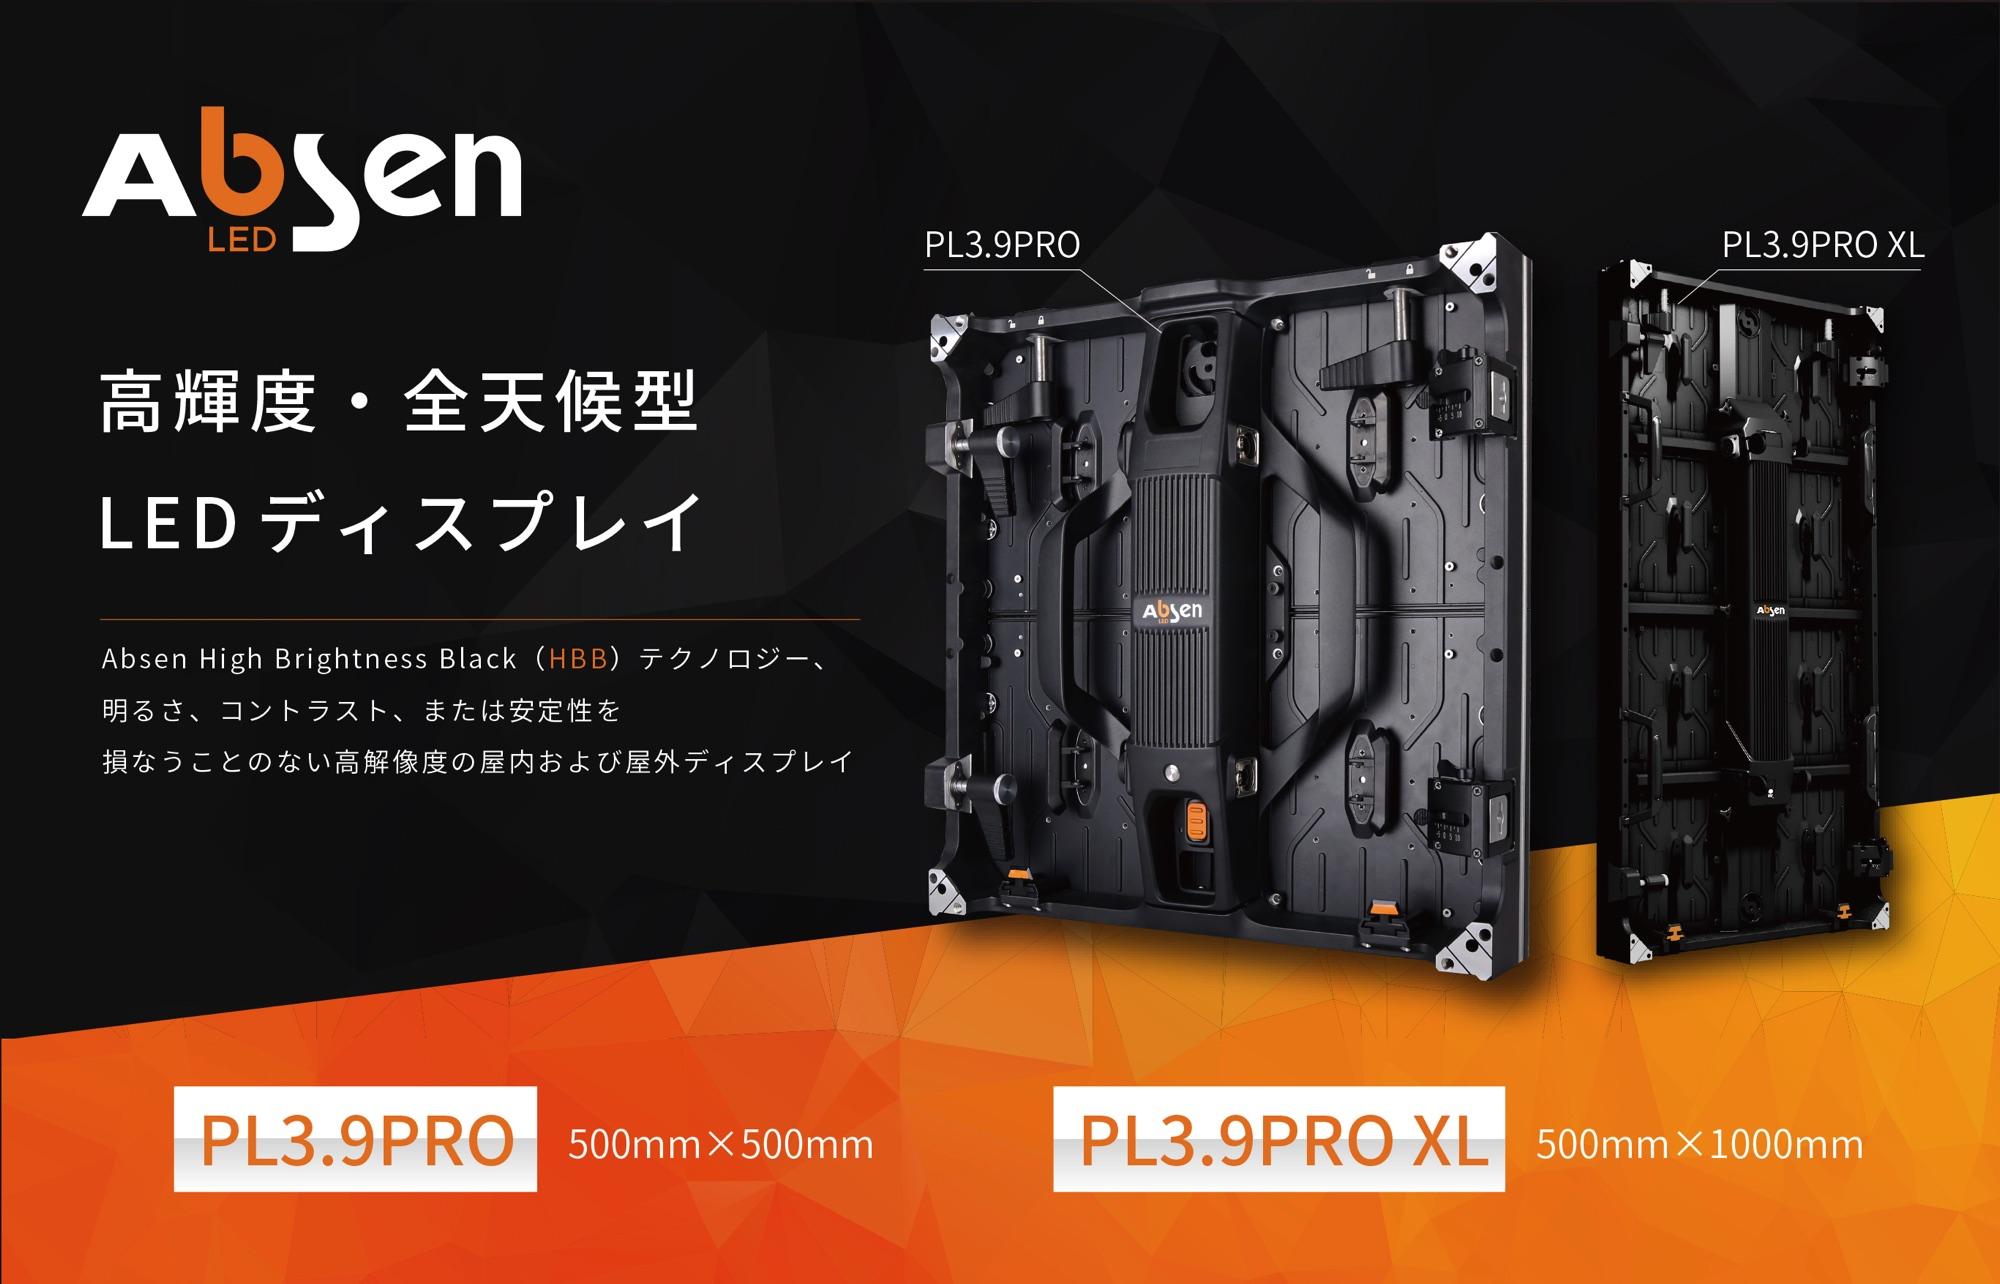 PL3.9PRO PL3.9PRO XL